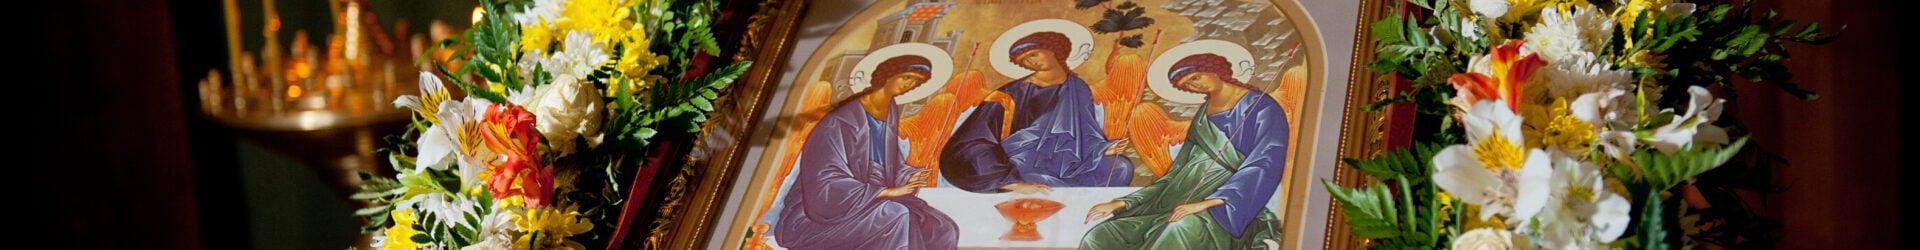 Проповедь иерея Антония Нагорного на 1-й Пассии 19.03.2021